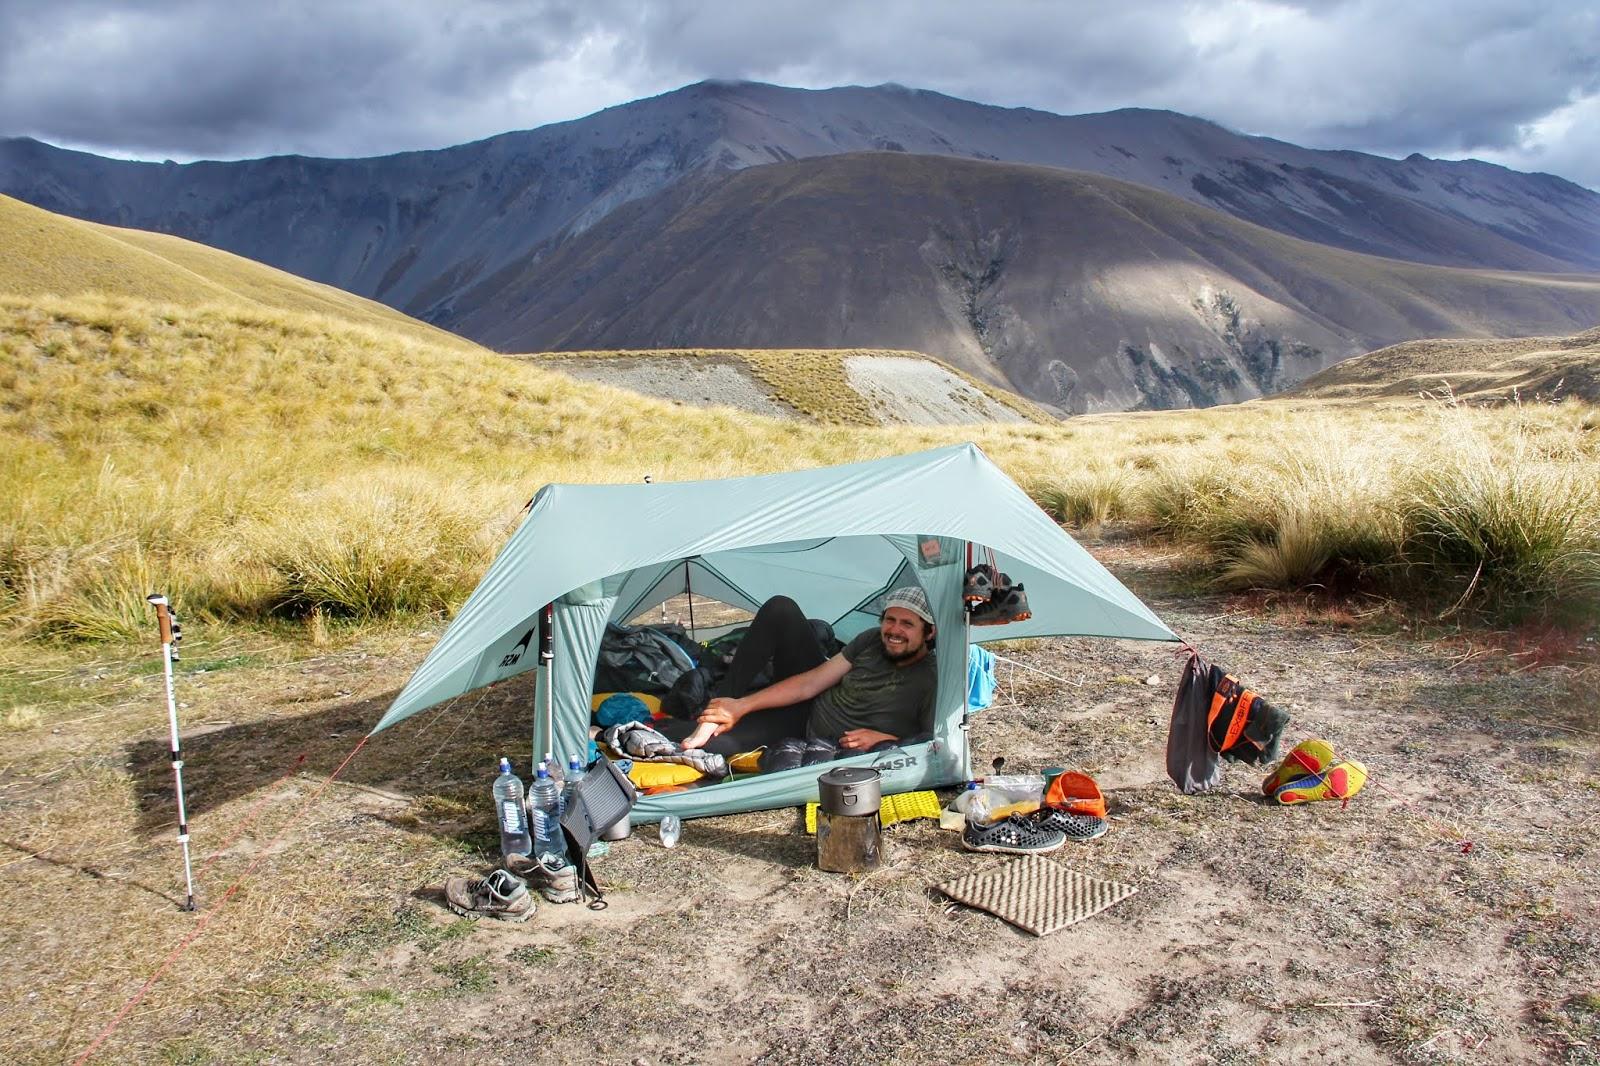 Mobile Outdoor Küche Camping : Mobile outdoor küche camping ikea leiste küche arbeitsplatte